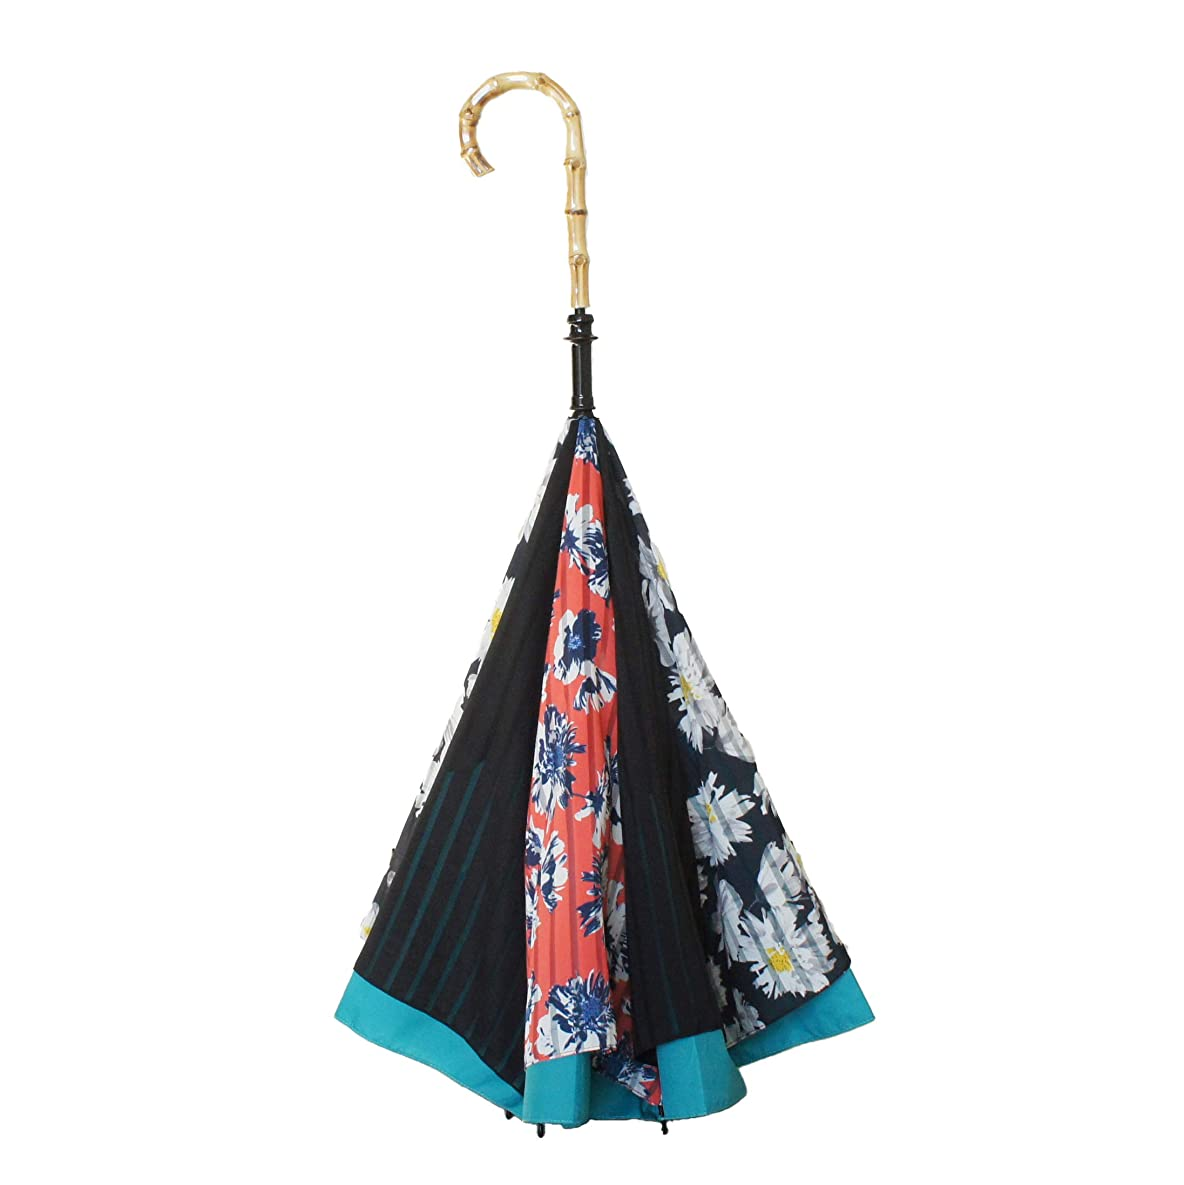 バイアスリネン放棄された【CARRY saKASA(キャリーサカサ) Advance Model (アドバンスモデル)】濡れない傘 逆折り式傘 逆さ傘 デザイン (モダンデイジー)